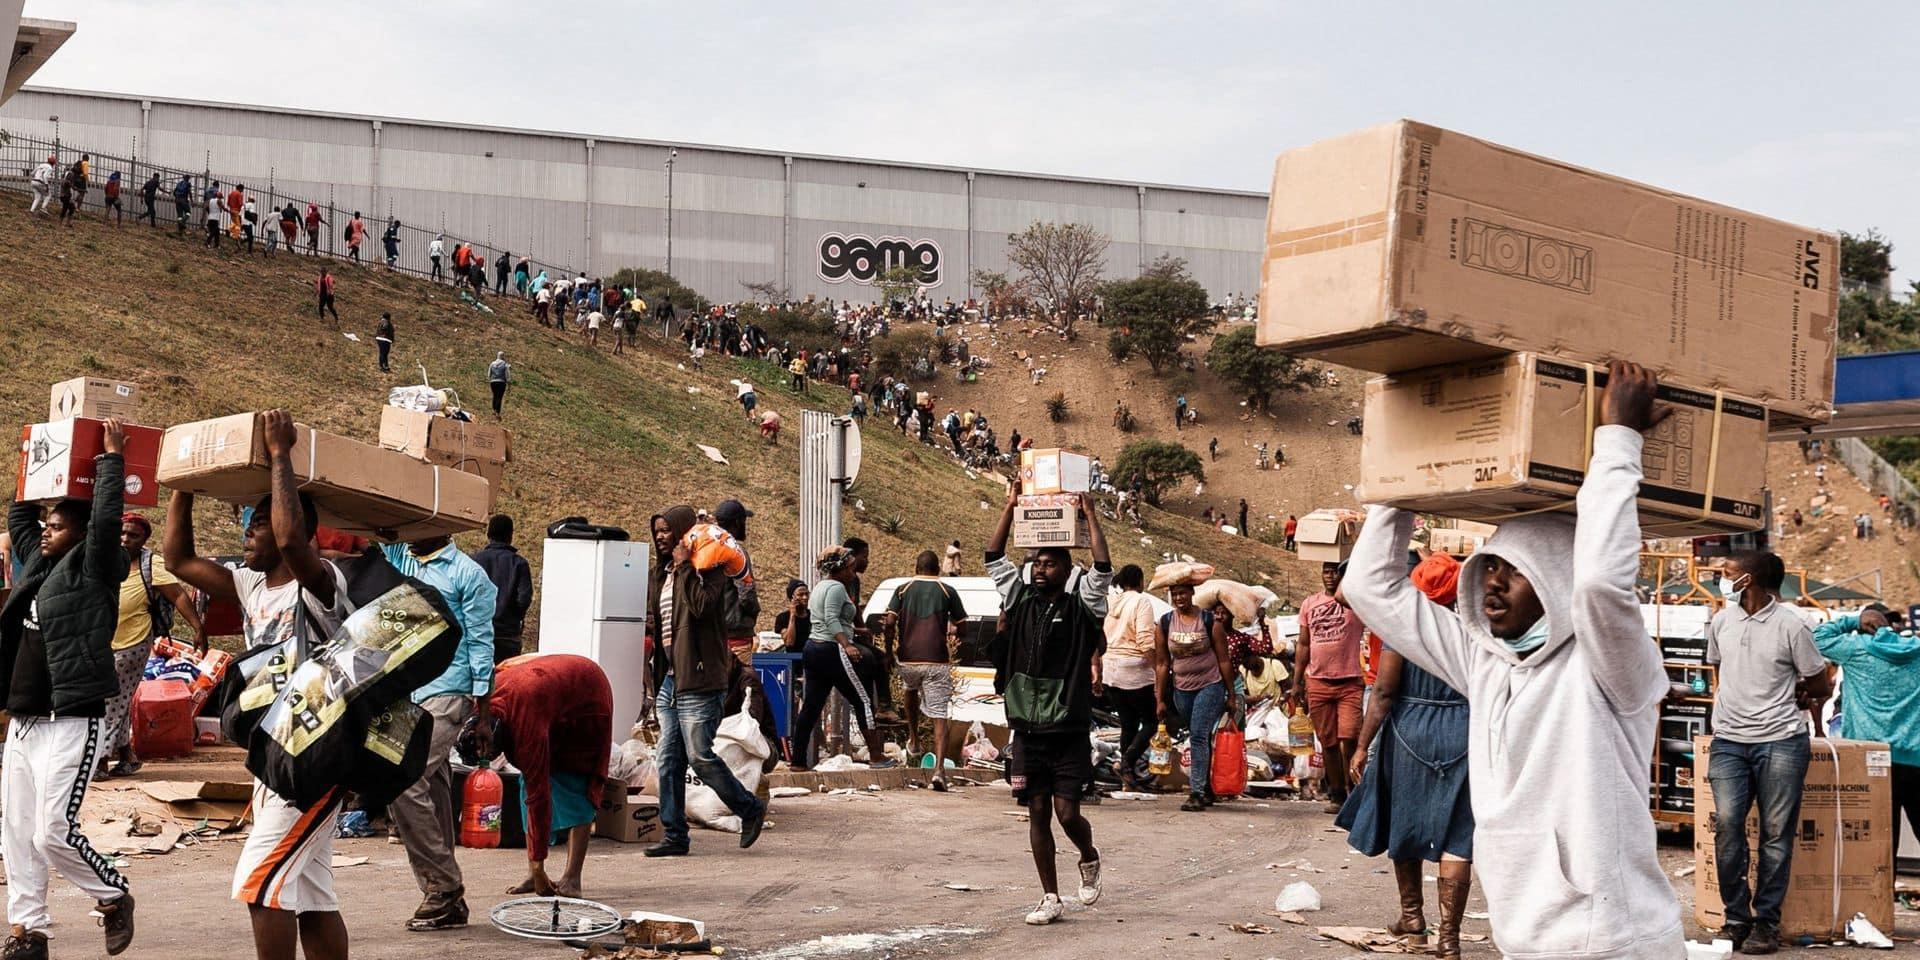 Afrique du Sud: nouveau bilan de 72 morts dans les violences